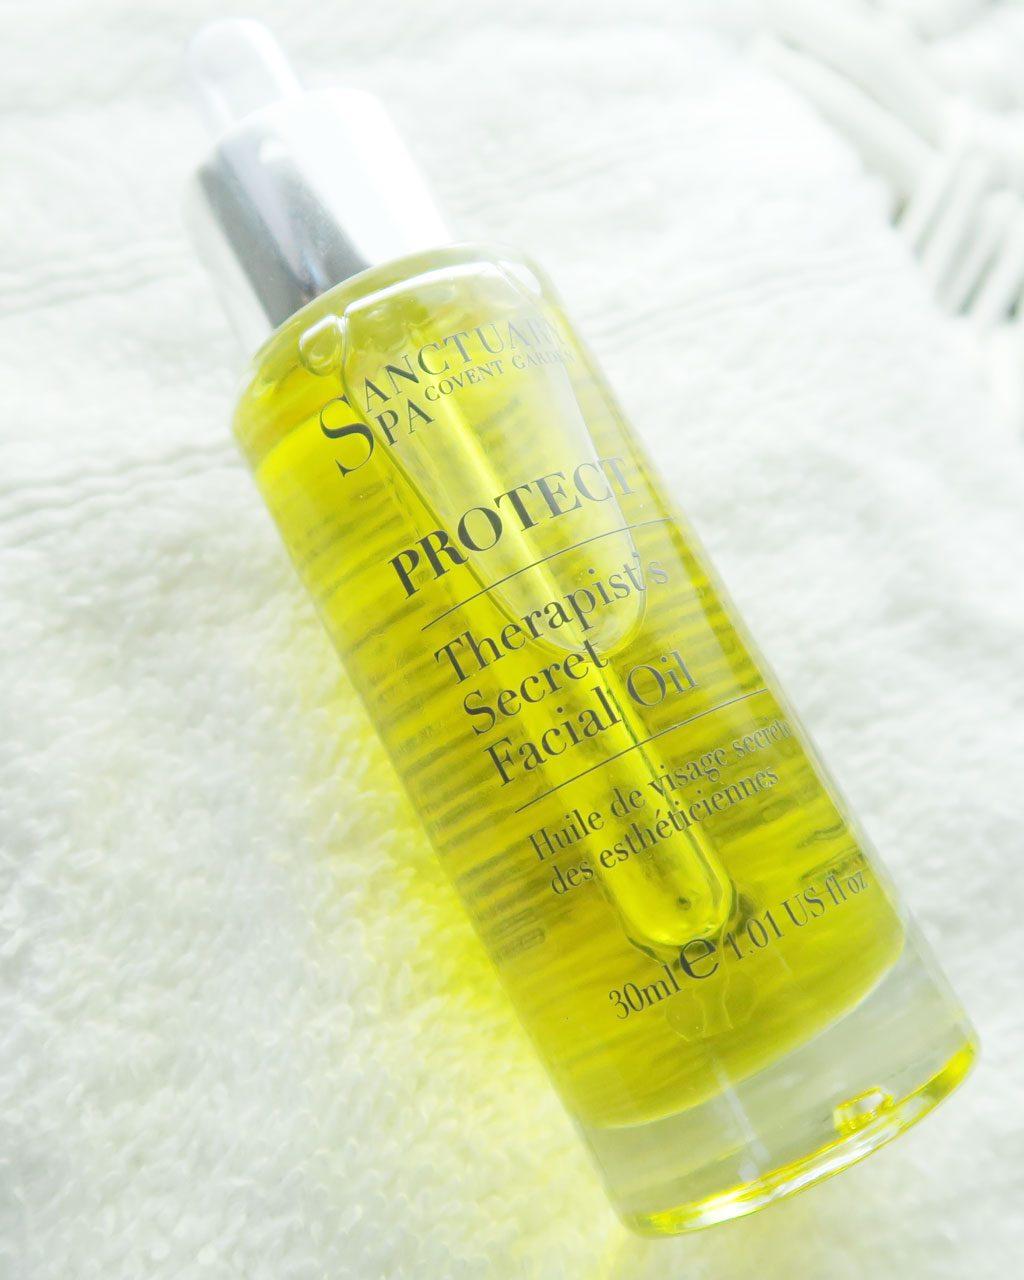 Sanctuary Spa Products Review — Sanctuary Spa Therapist's Secret Facial Oil